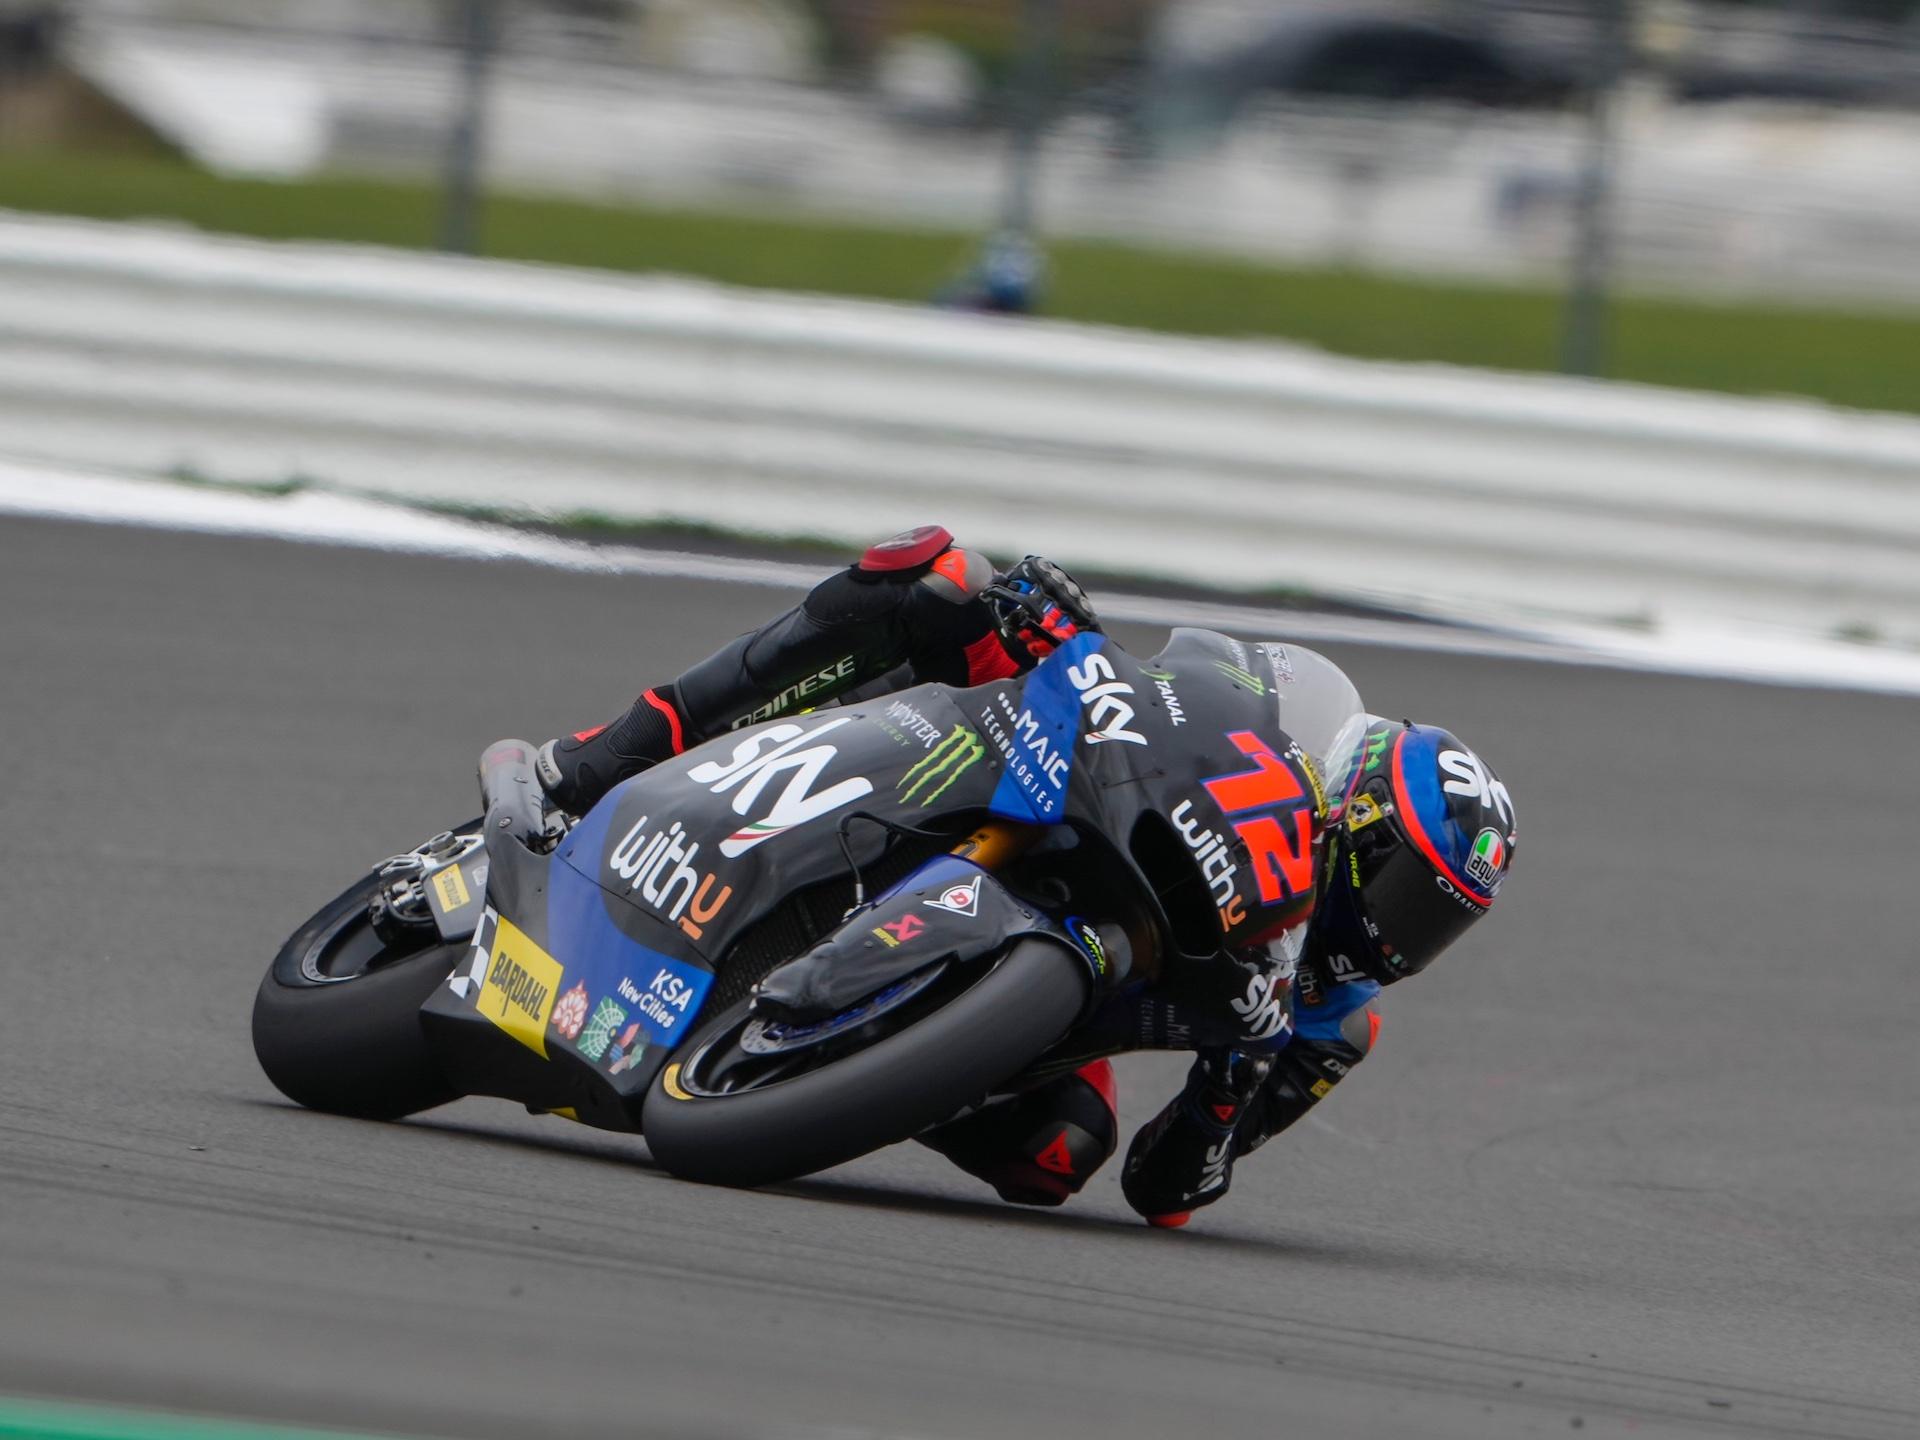 Moto2 Silverstone: pole para Bezzecchi, segundo lugar y salvada para Navarro (incluye video)